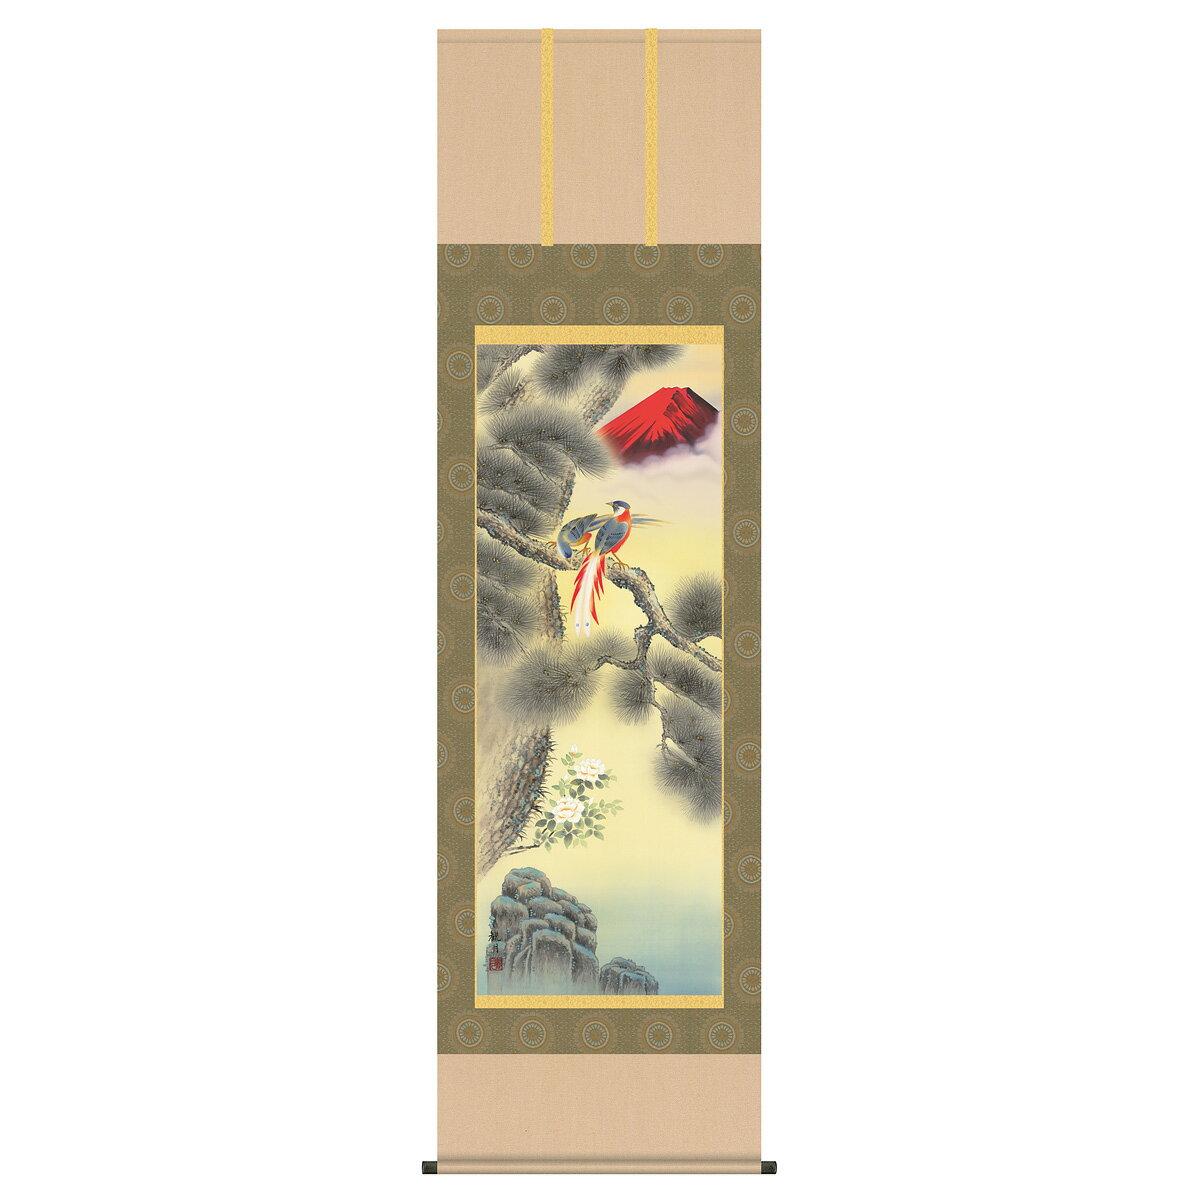 節句 正月 掛け軸 「森山観月(三美会)作 不老長春 掛け軸」2016年雛人形 ●正月飾り